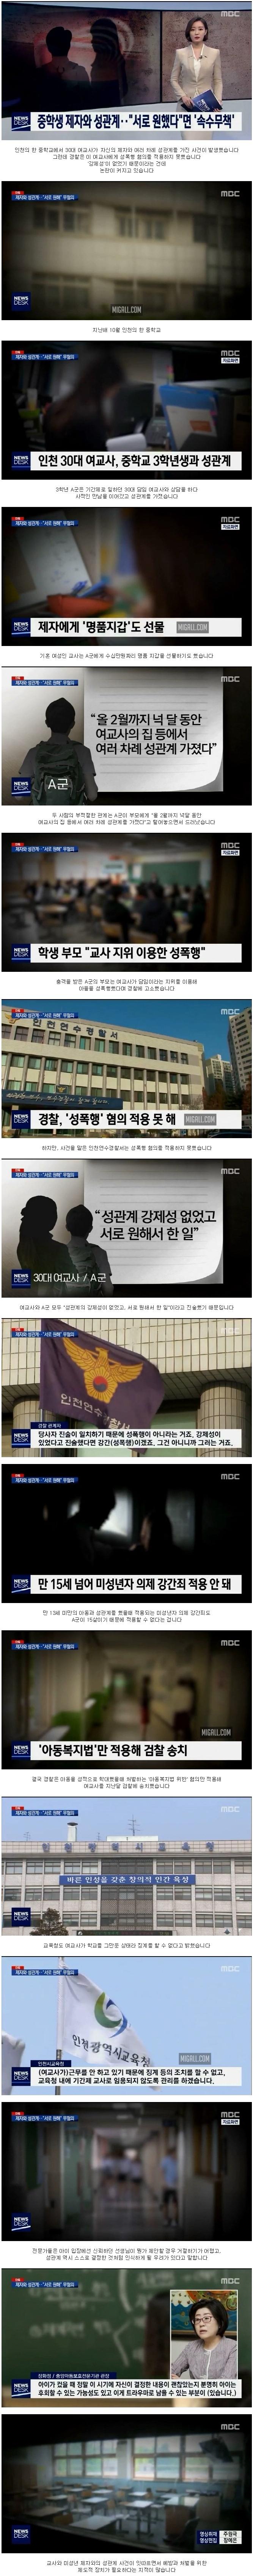 중학생과 성관계 맺은 인천 중학교 여교사.jpg